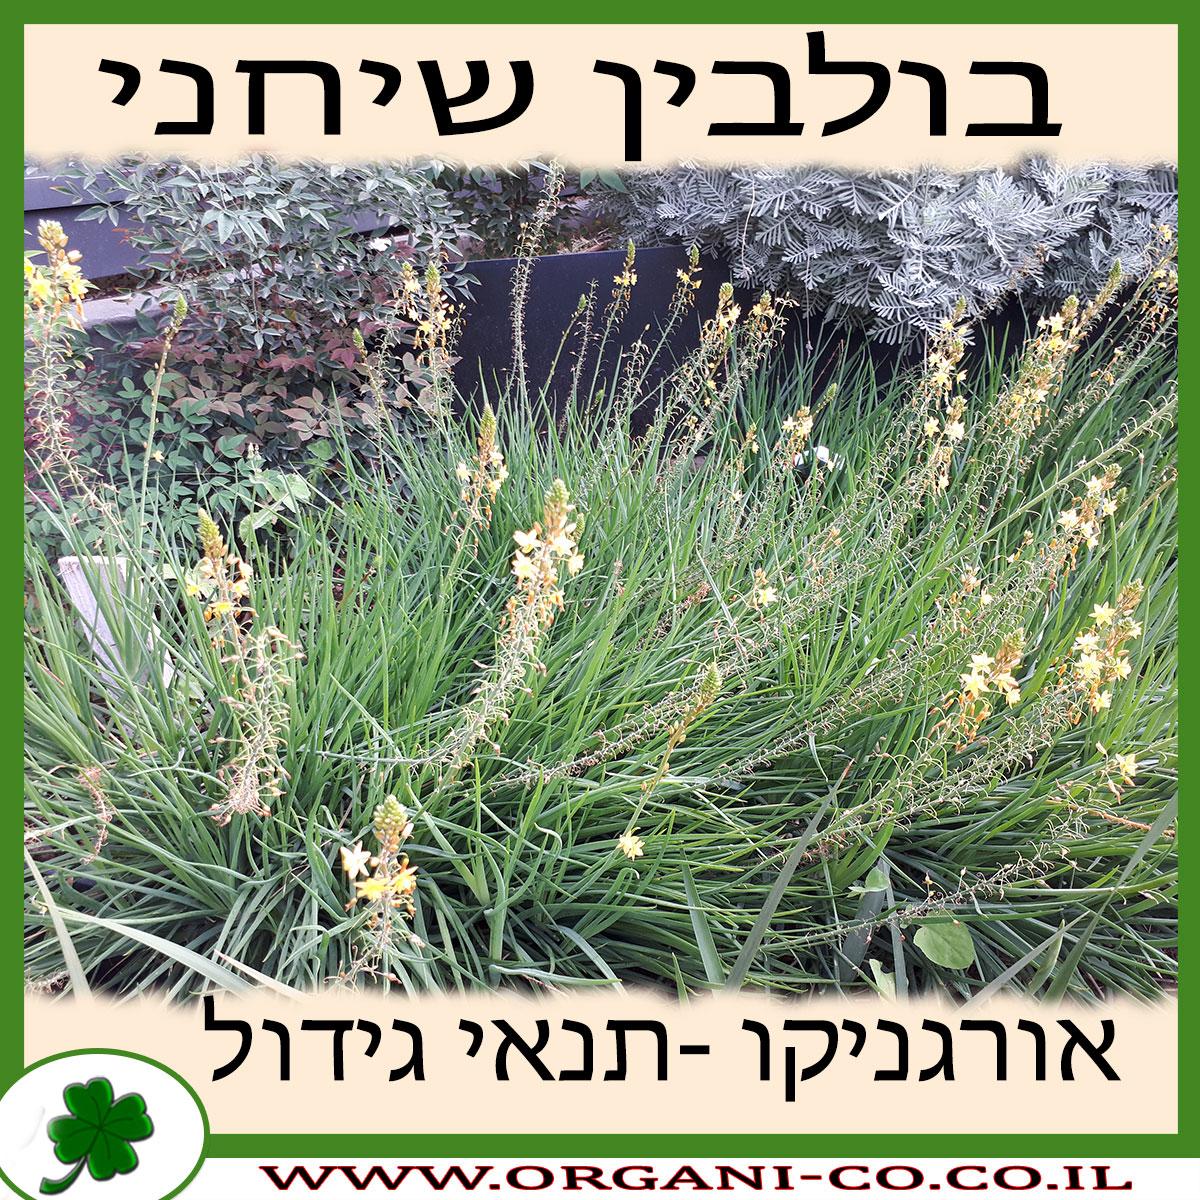 בולבין שיחני גידול צמח